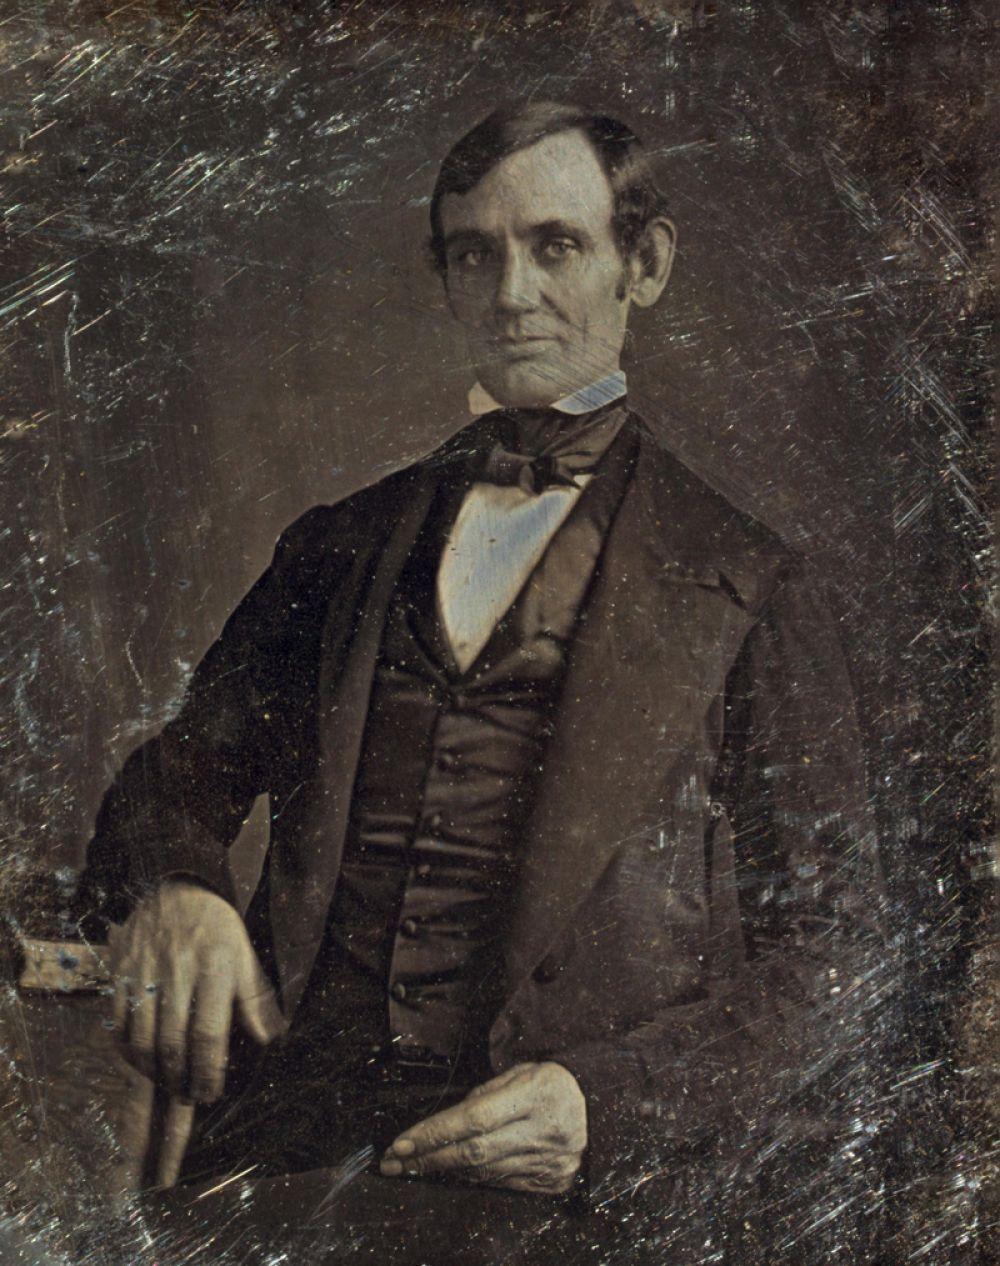 Первый снимок Авраама Линкольна, снятый в 1846 году. Авторство приписывается Николасу Шепарду из Спрингфилда.